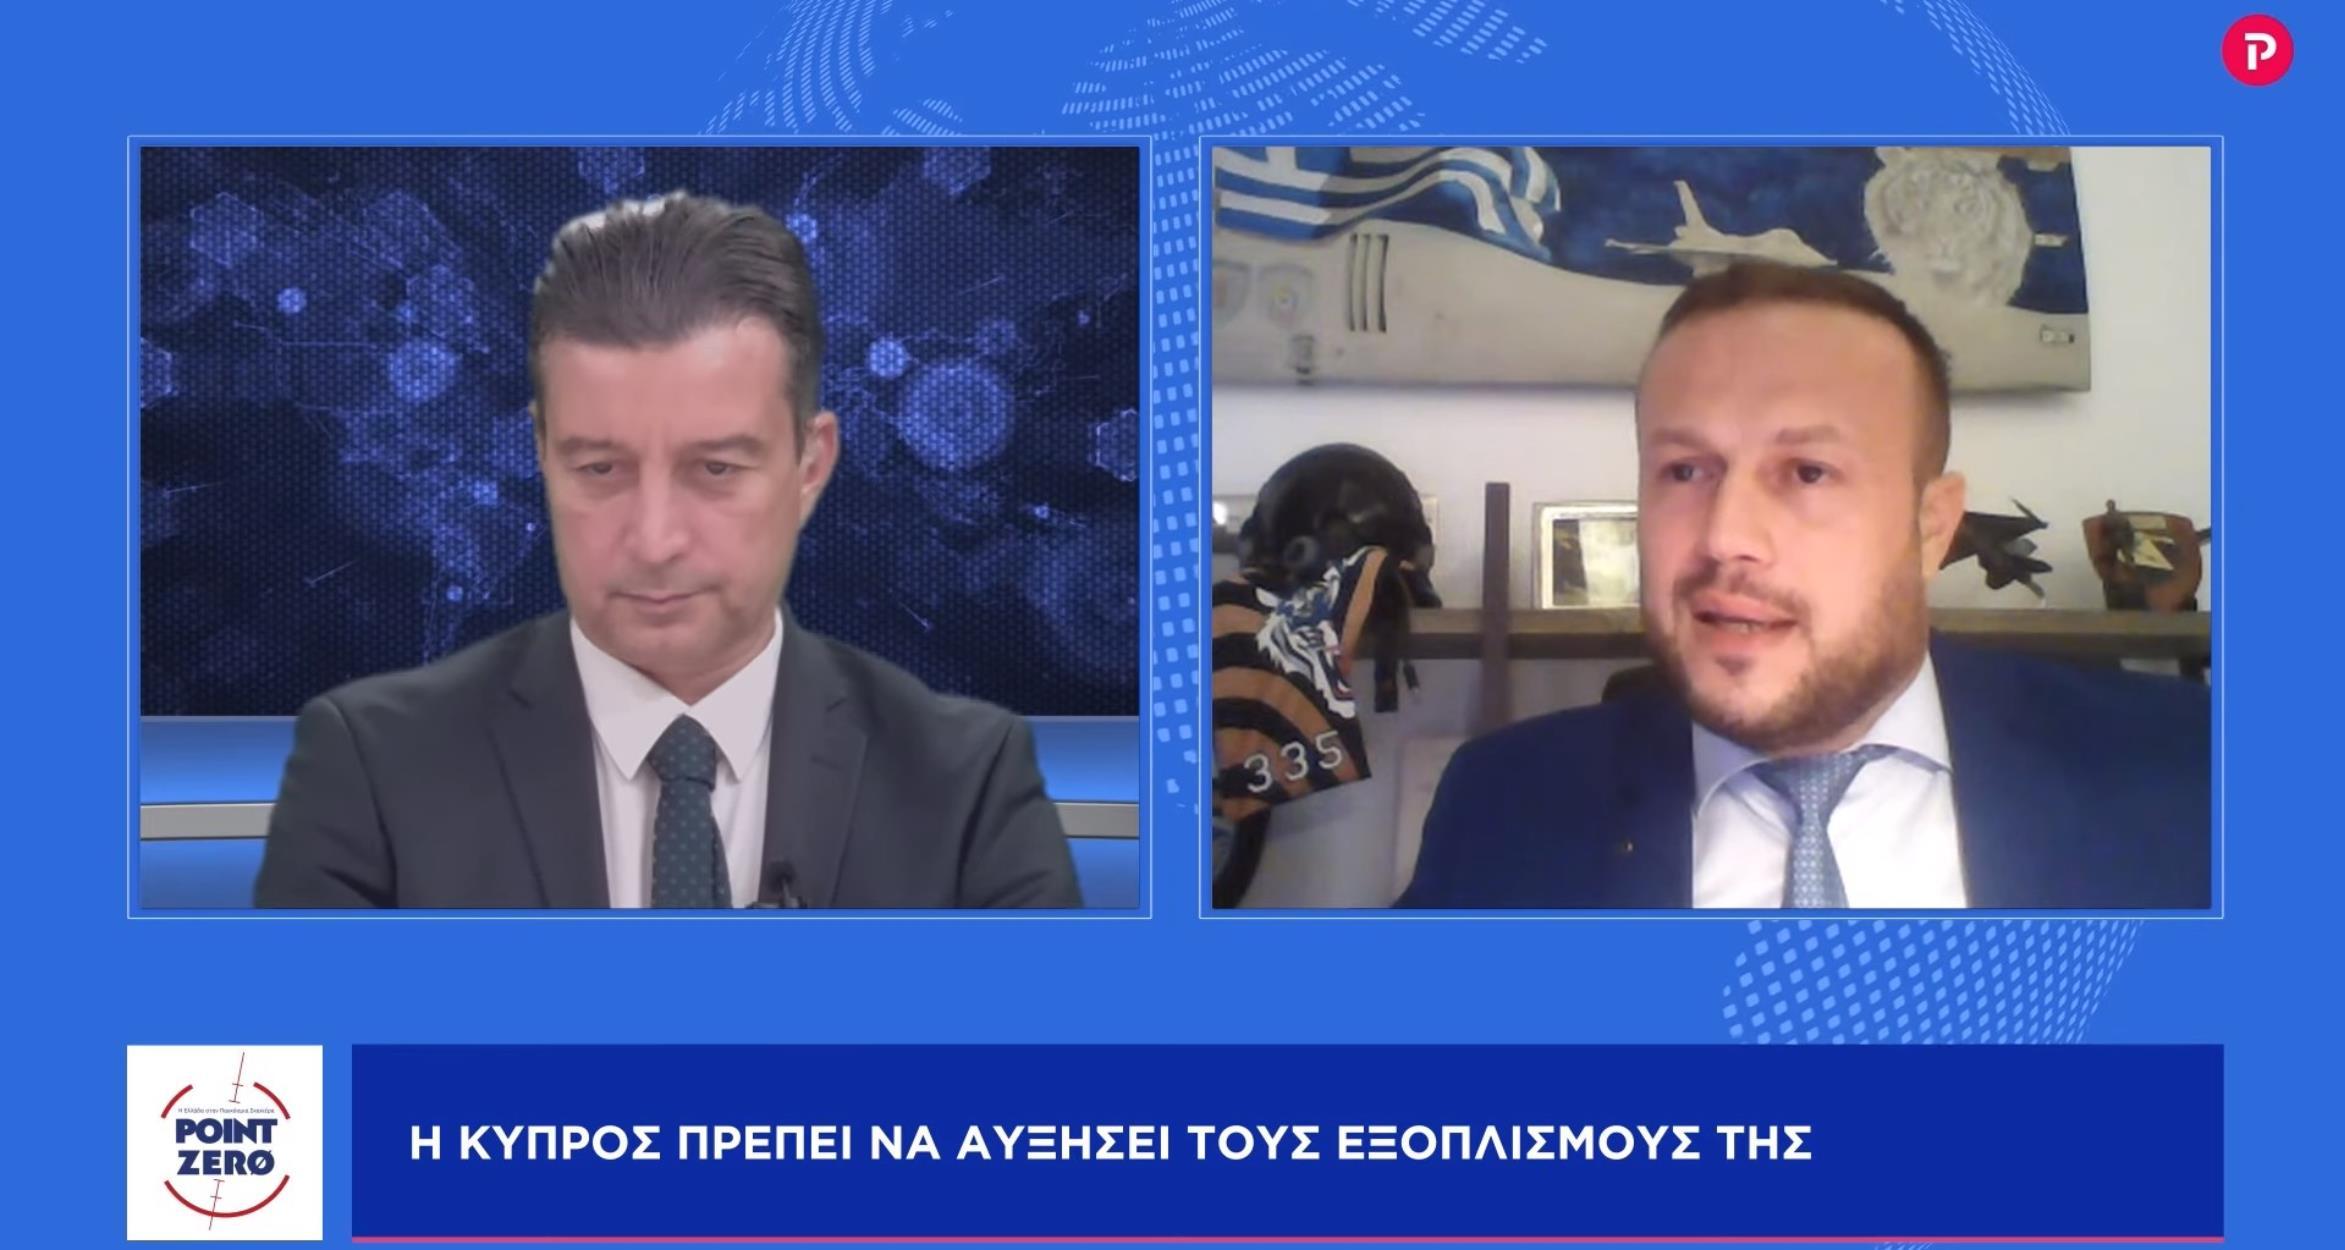 Ο Στέφανος Καραβίδας στο pagenews.gr